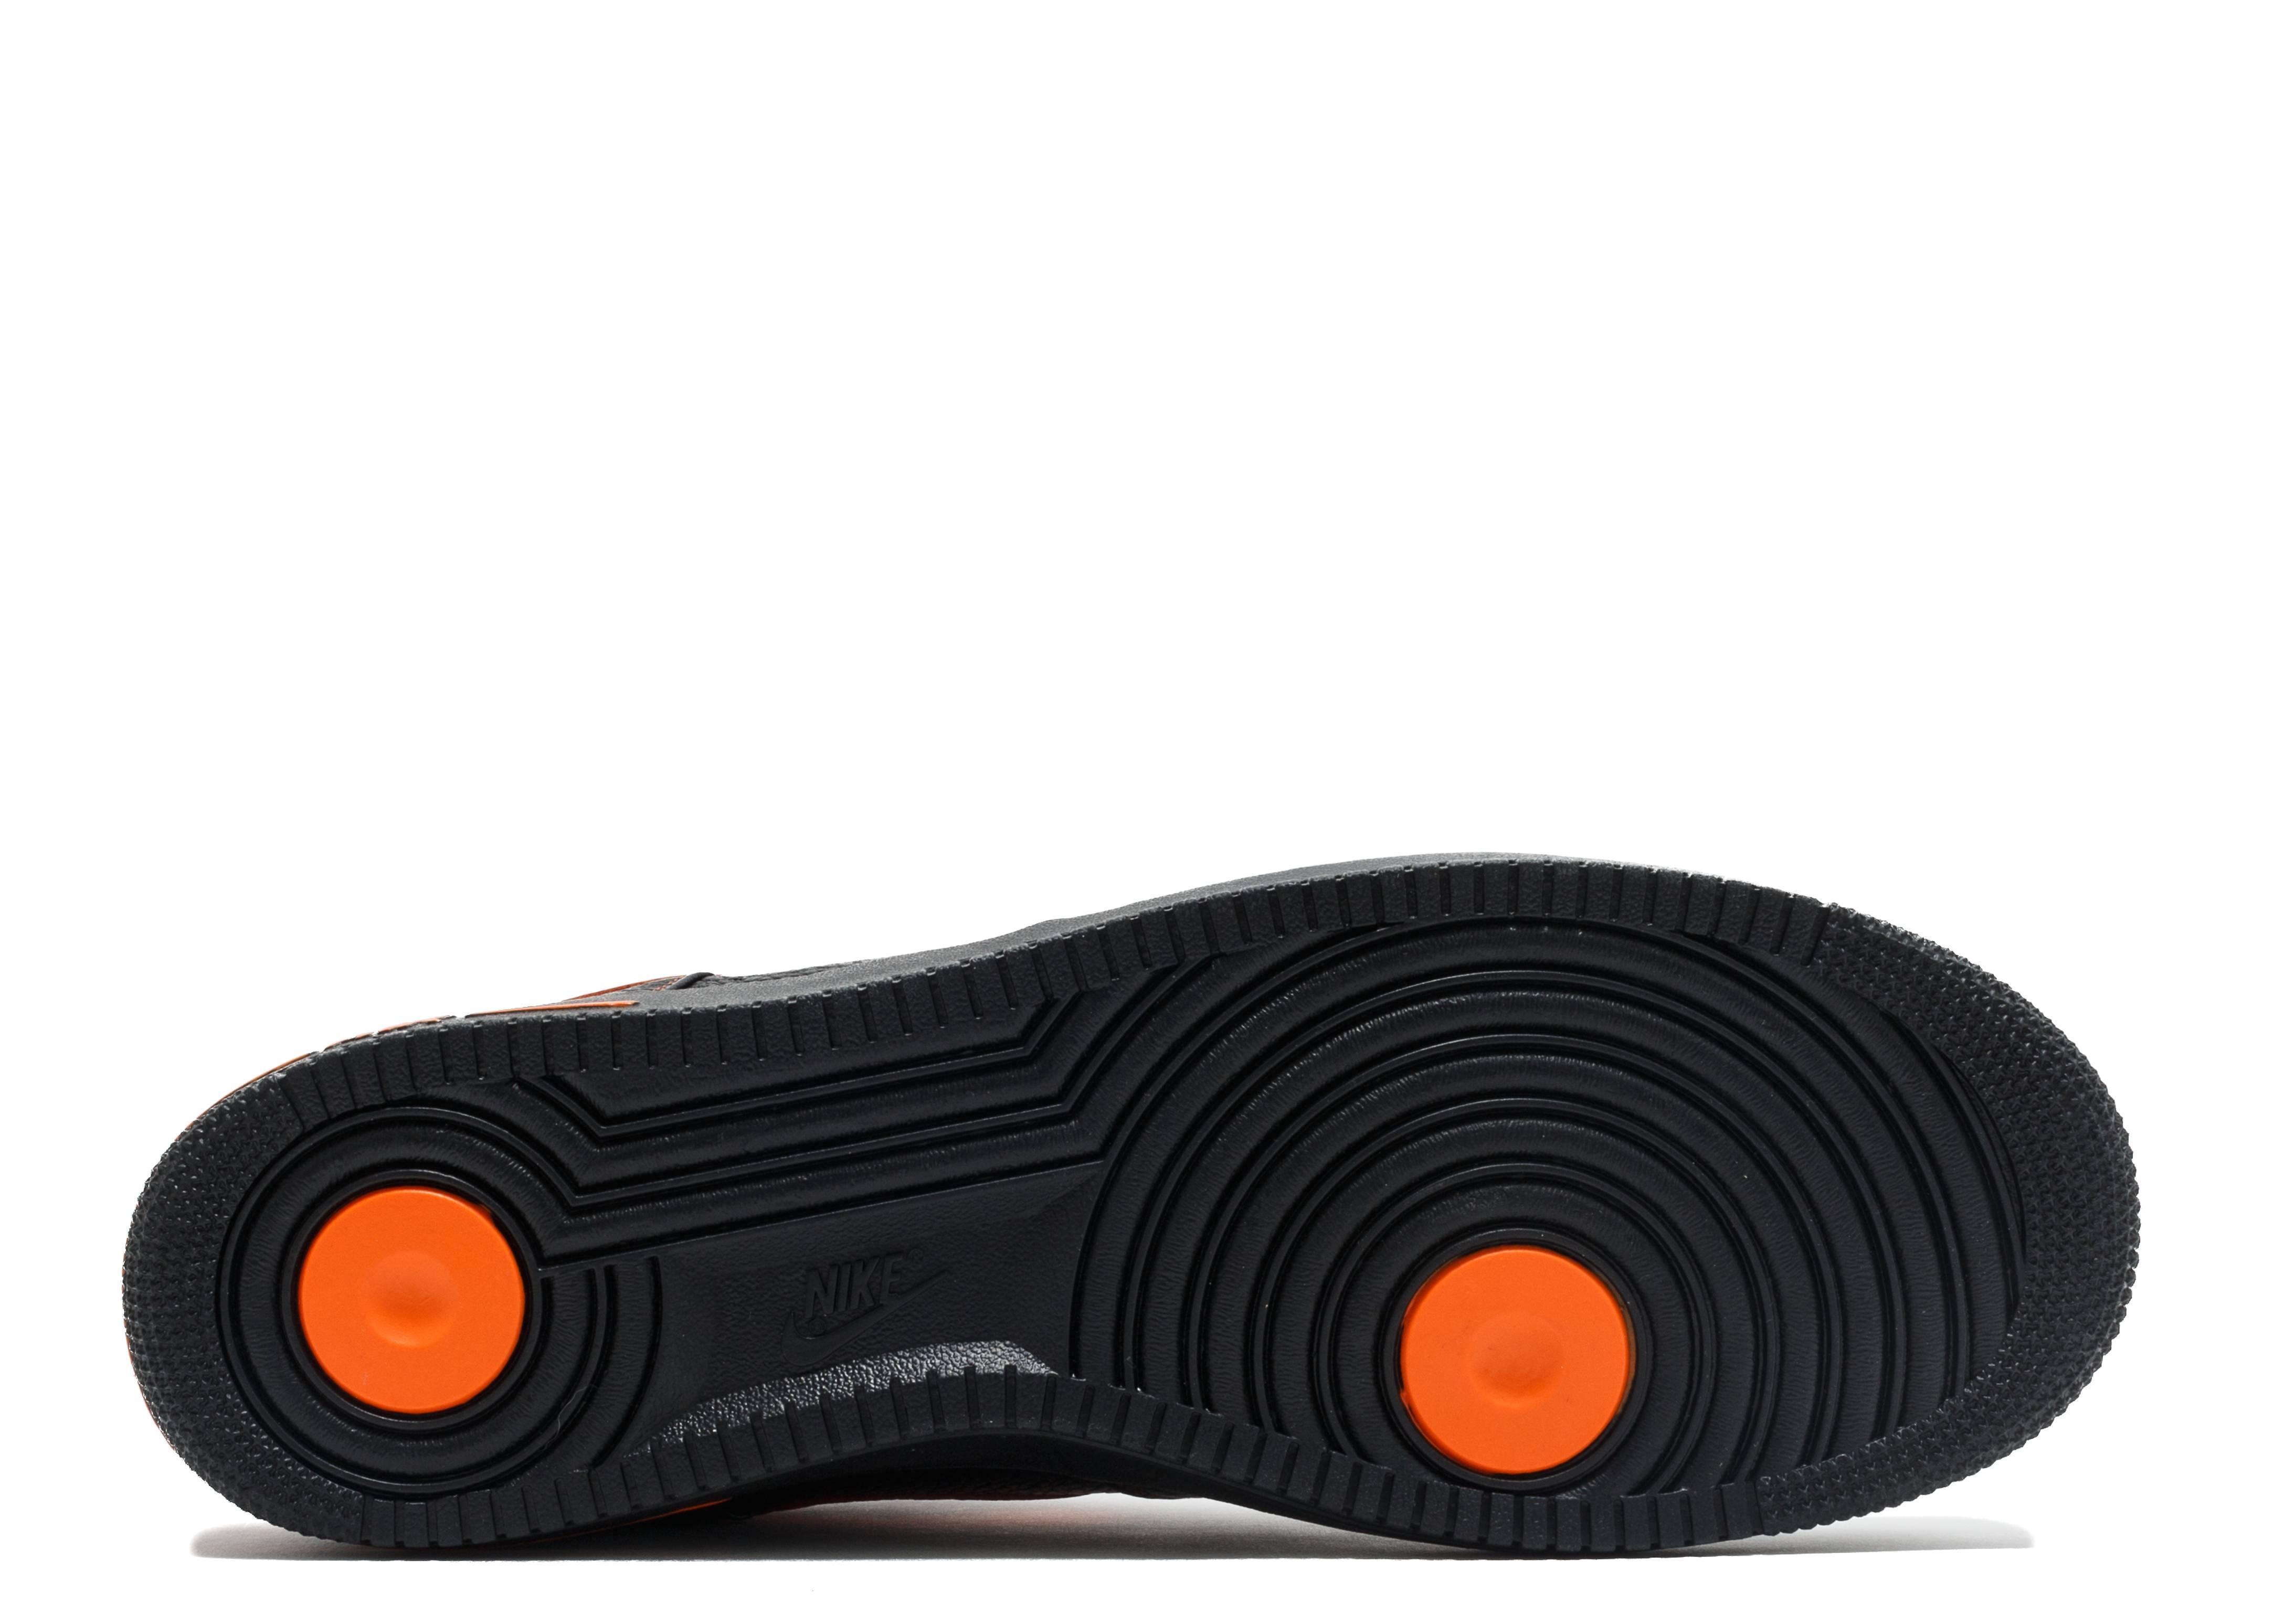 Großhandel Nike Air Max 95 Kinder Jungen Mädchen Schuhe Kinder Kleinkind Schuhe Weiß Rot Rosa Kristall Weiß Pailletten Trainer Stadt Socke Turnschuhe